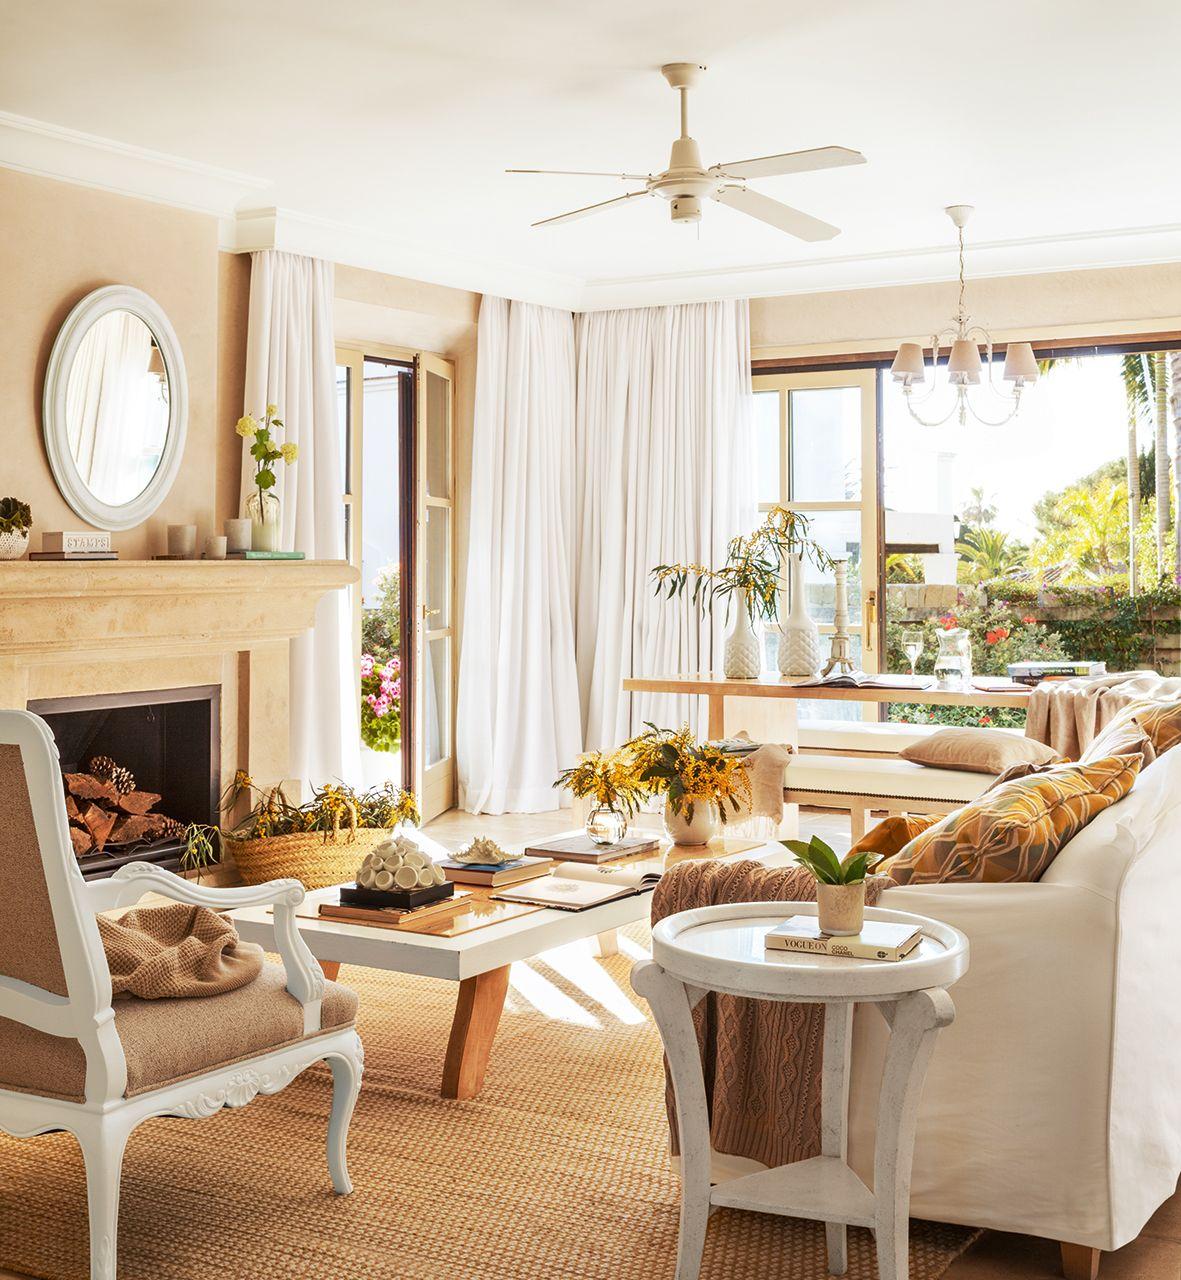 Salon Con Ventilador En El Techo En Beige Y Blanco Lujos Salon Y - Salones-blanco-y-beige